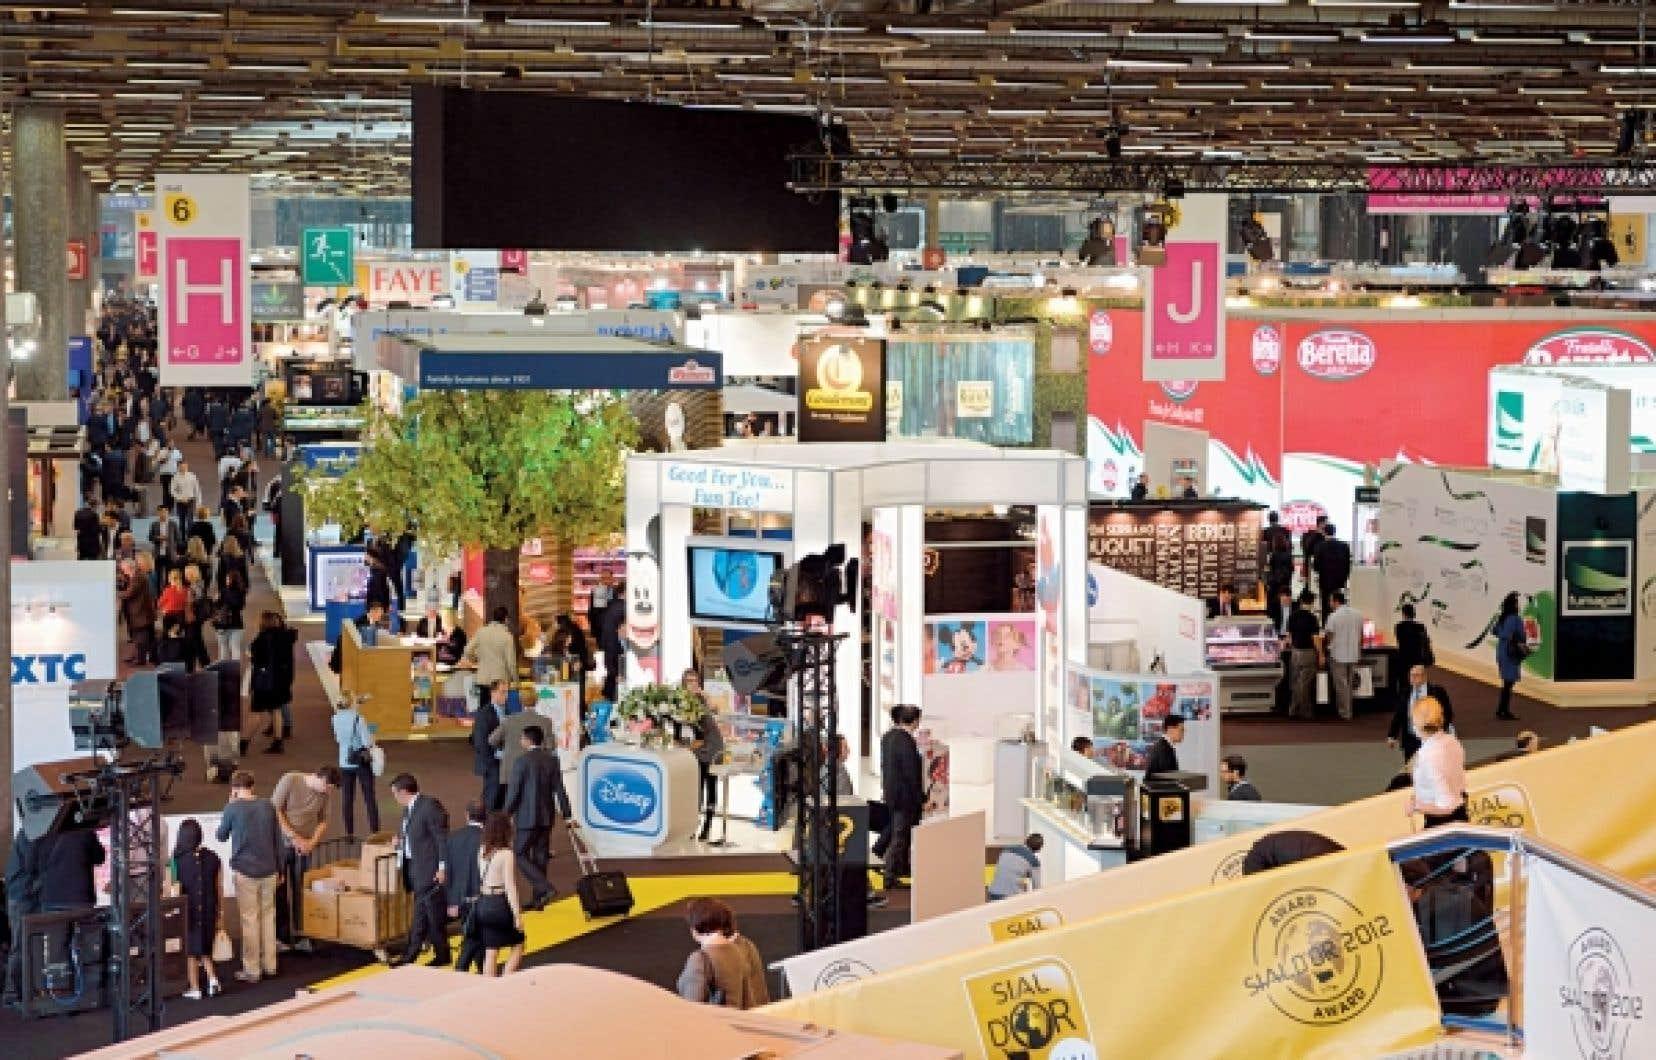 Le Salon international de l'alimentation est considéré comme le plus grand rassemblement alimentaire du monde.